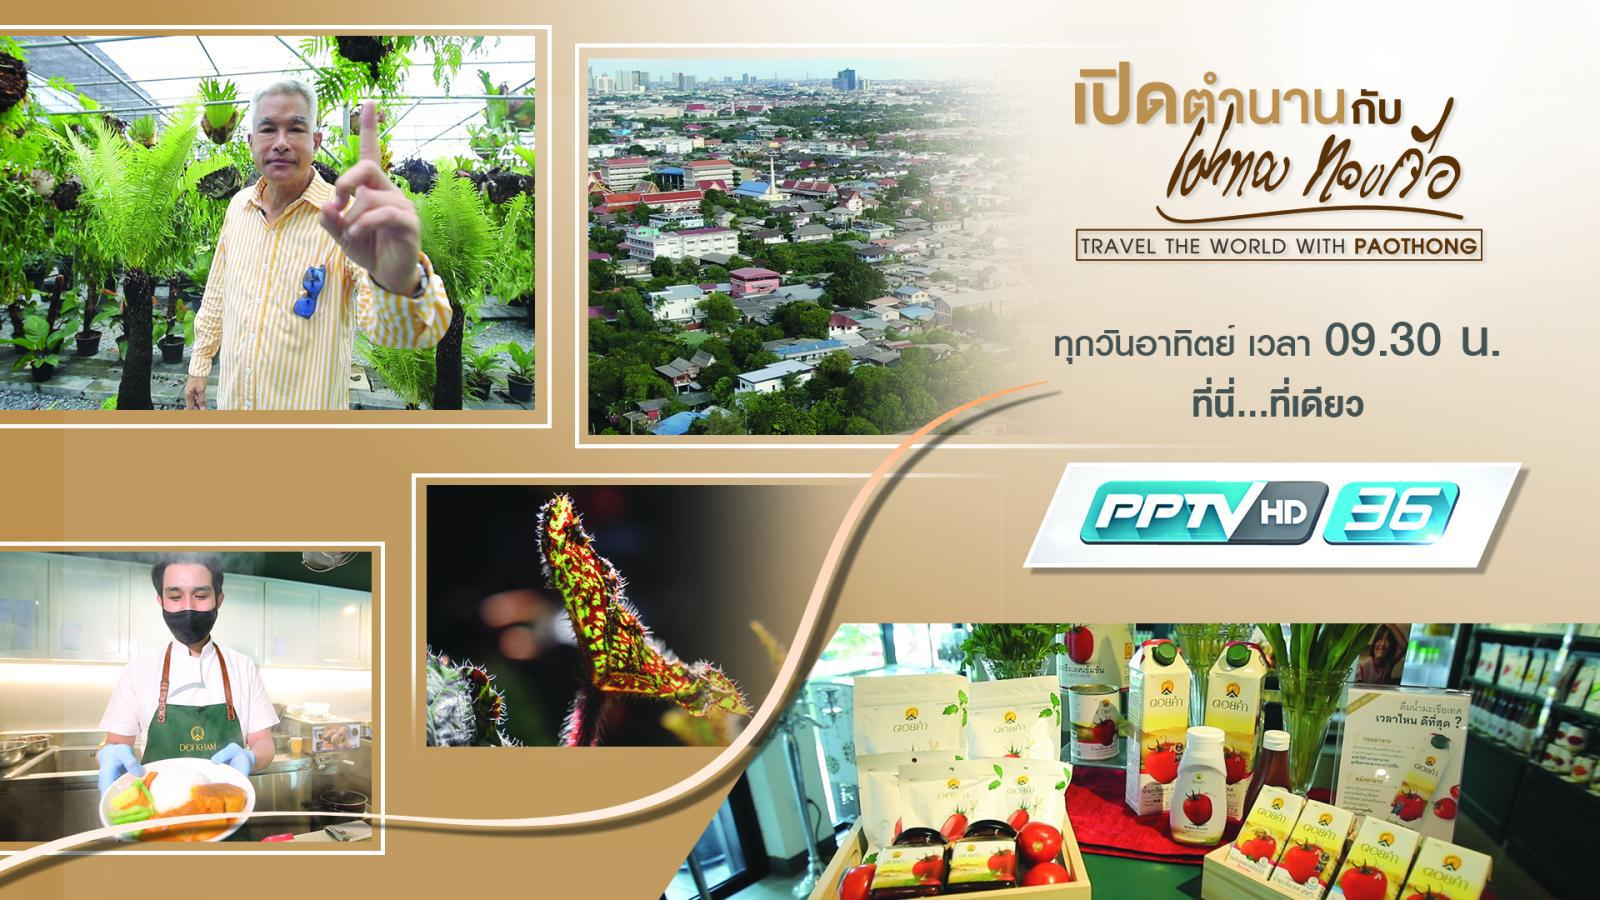 ดอยคำ และ ธรรมชาติ ประเทศไทย